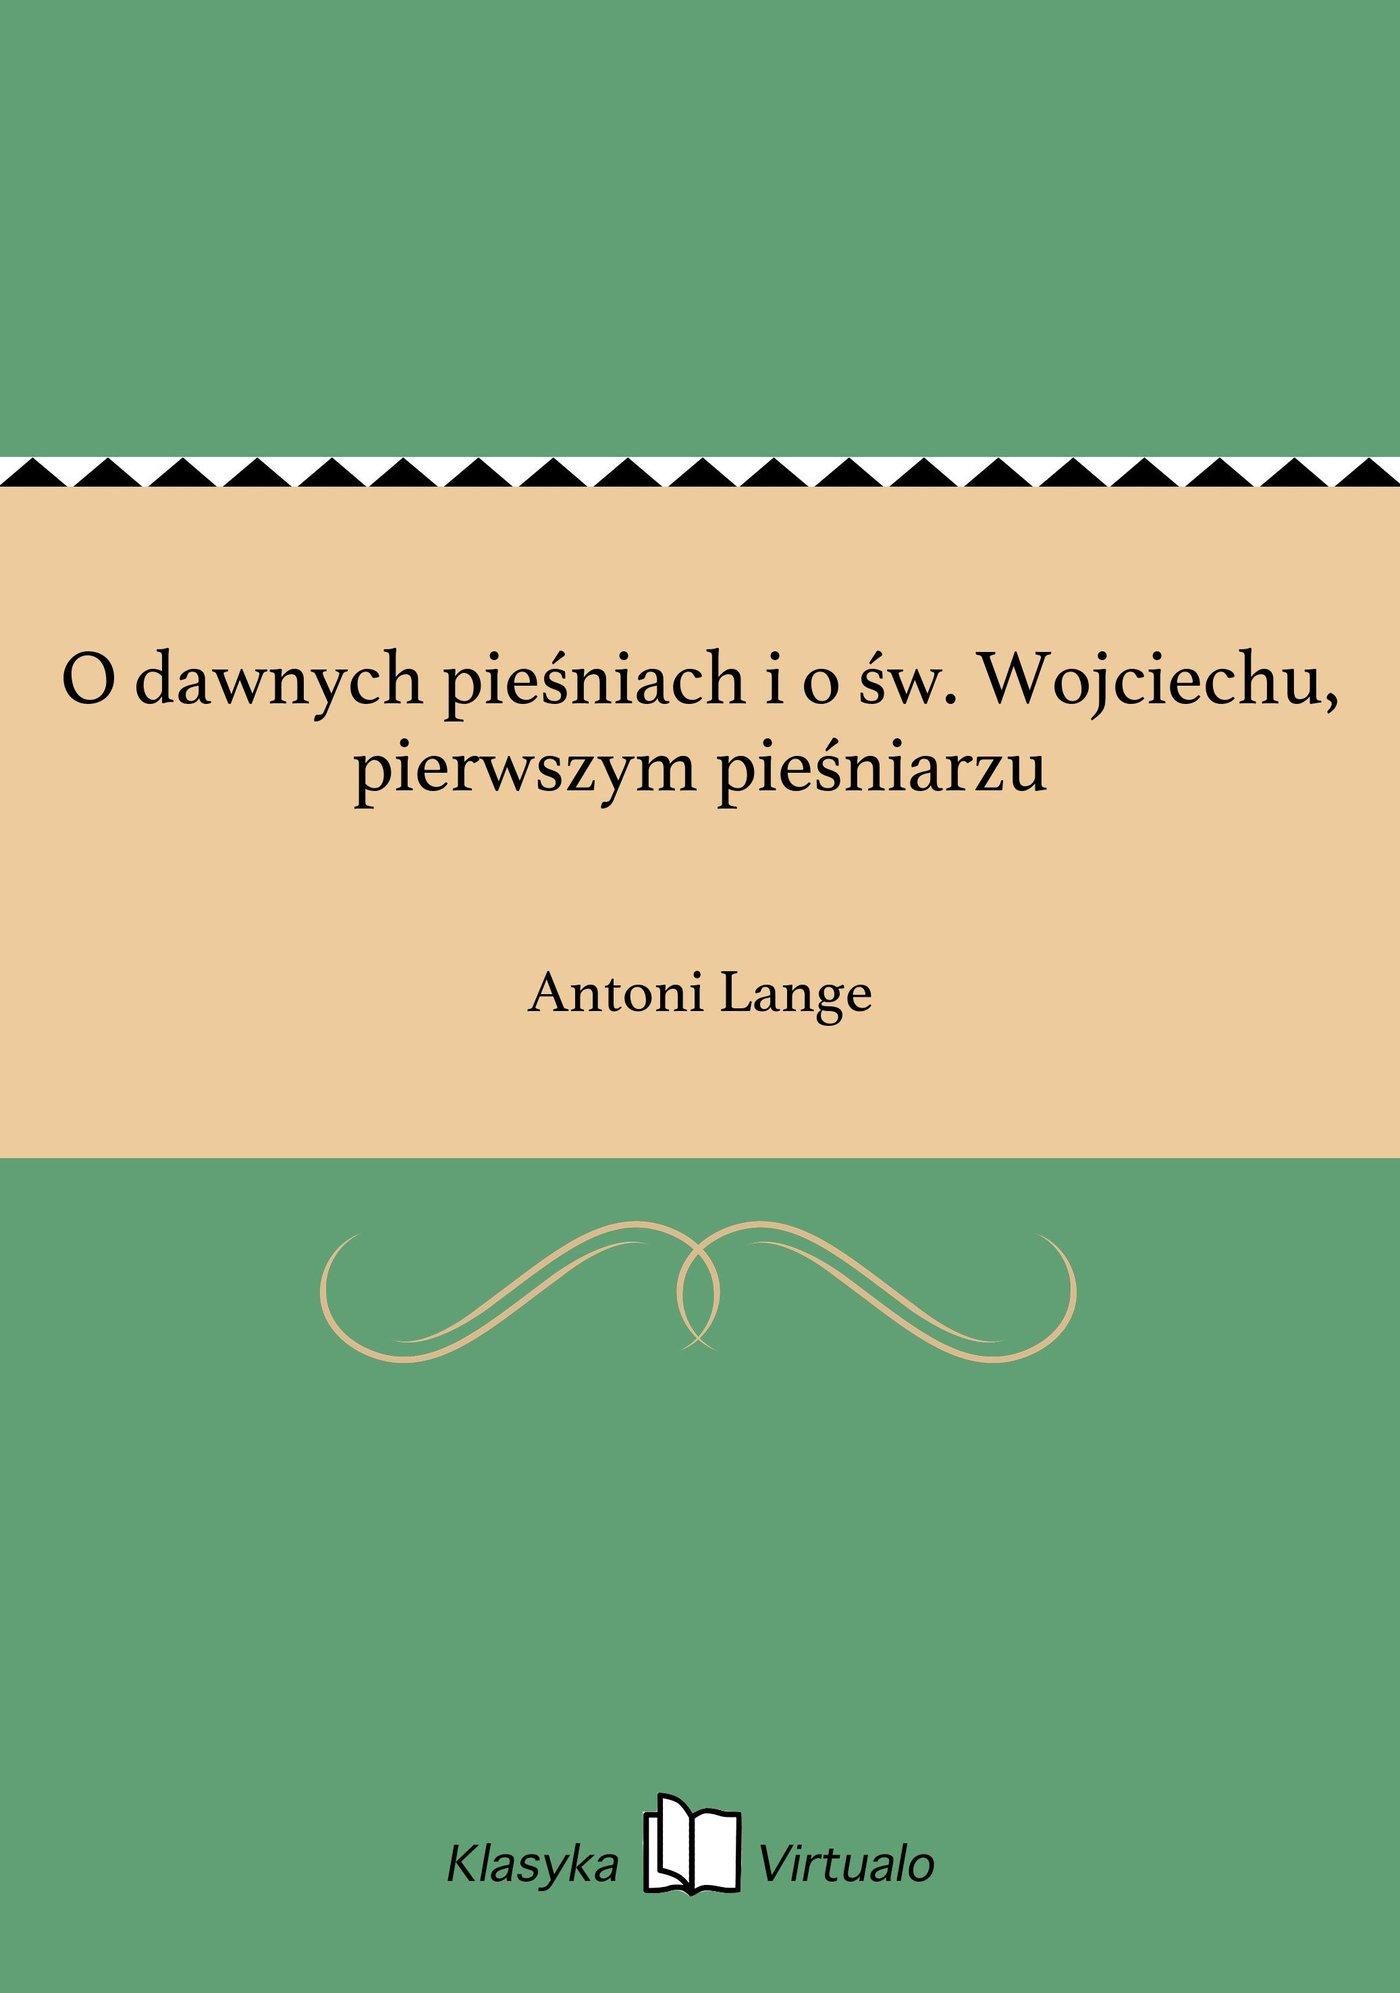 O dawnych pieśniach i o św. Wojciechu, pierwszym pieśniarzu - Ebook (Książka EPUB) do pobrania w formacie EPUB